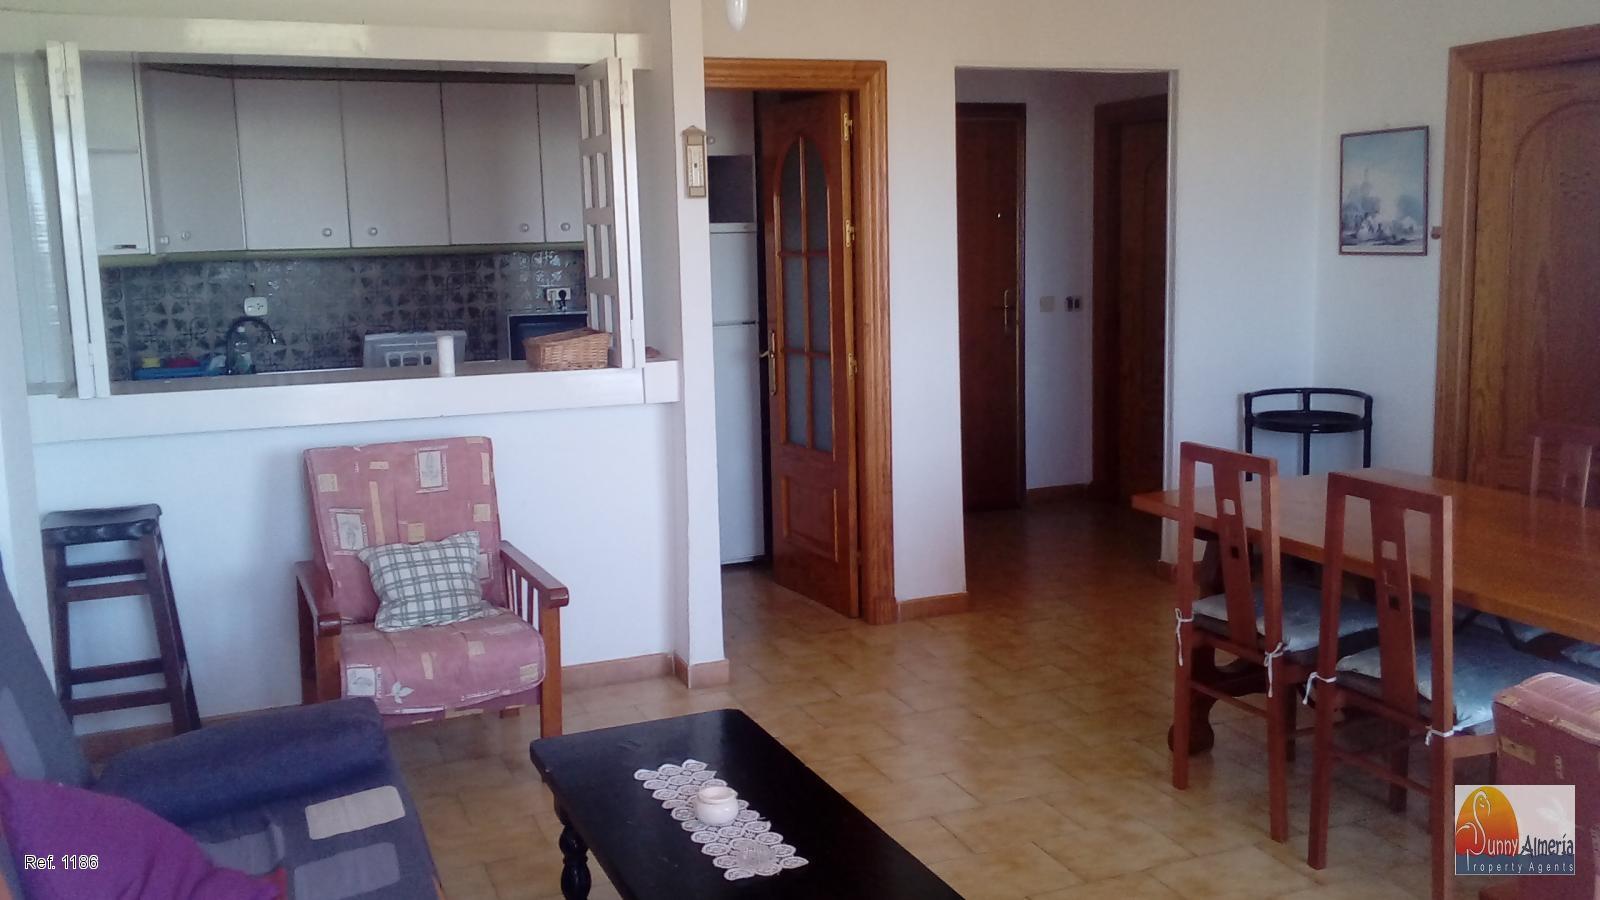 Lejlighed til salg I C/ LAGO GARZA 7 (Roquetas de Mar), 73.000€